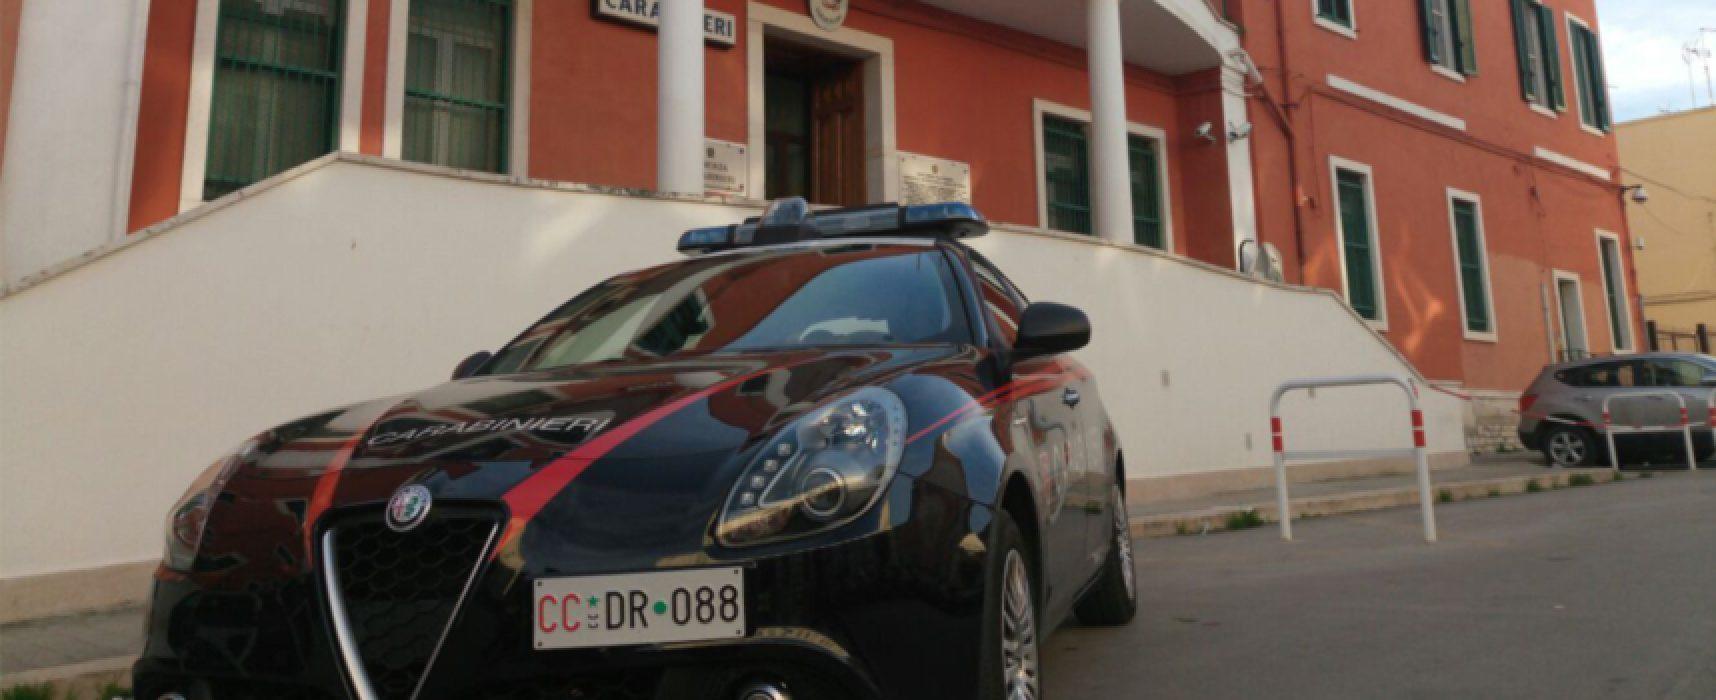 Tre arresti ed una denuncia in stato di libertà per resistenza a pubblico ufficiale a Bisceglie